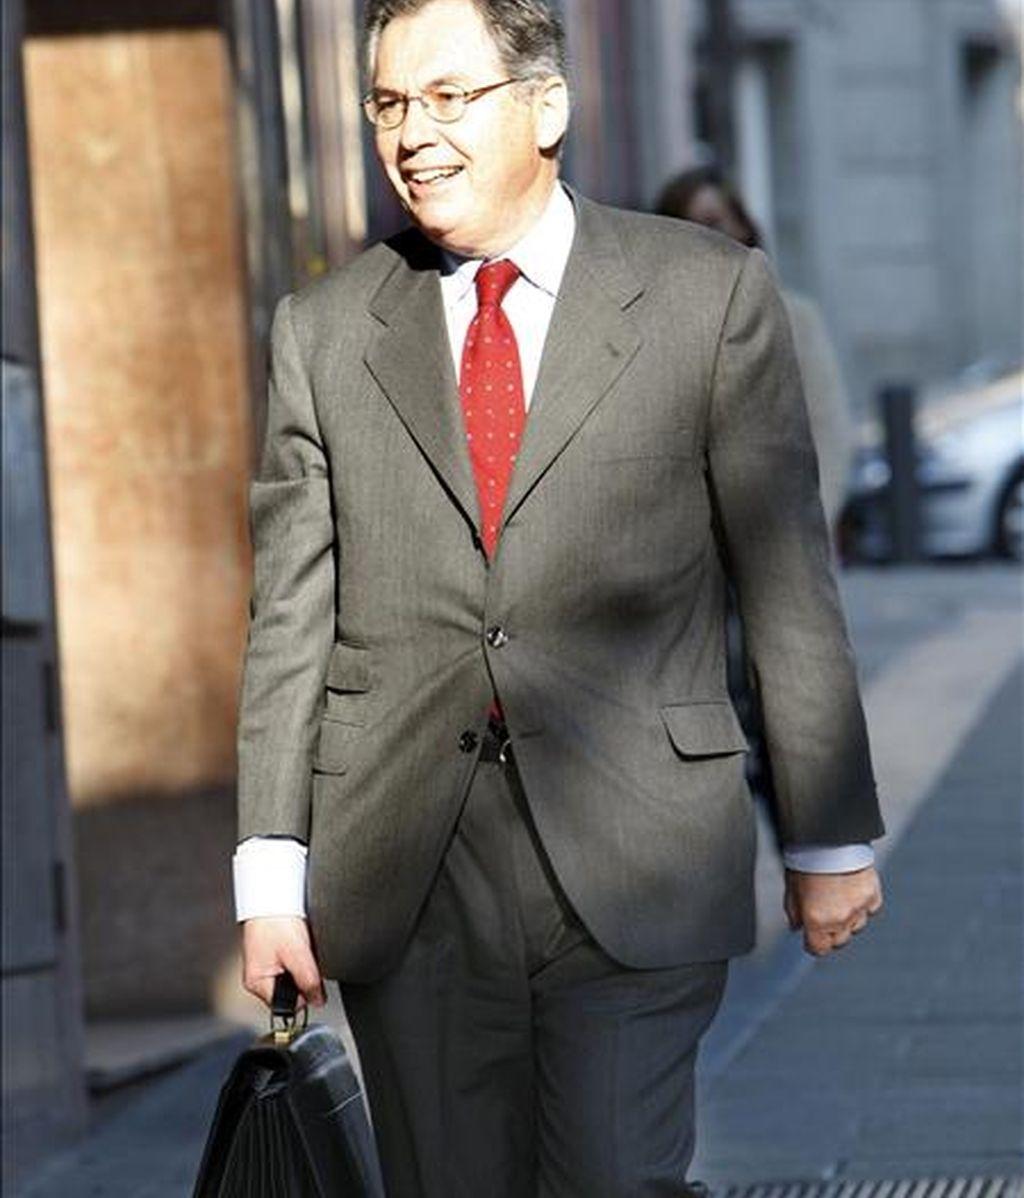 El ex presidente de la CNMV Juan Fernández Armesto, a su llegada hoy a la Audiencia Nacional para prestar declaración como testigo en el caso Fórum Filatélico ante el juez Baltasar Garzón. EFE